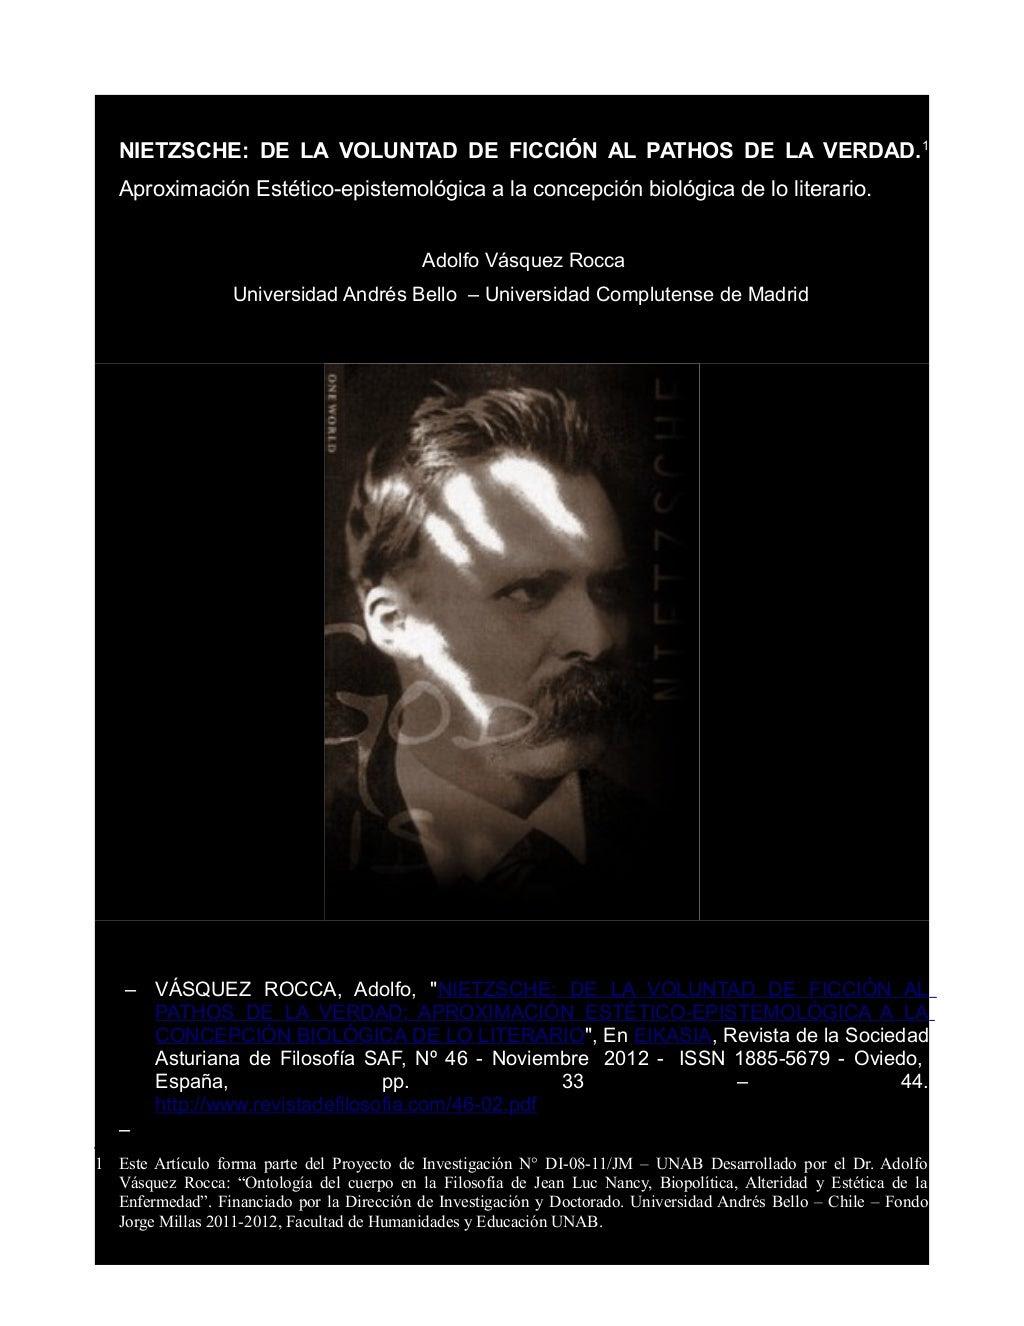 http://image.slidesharecdn.com/nietzschedelavoluntaddeficcinalpathosdelaverdadadolfovasquezroccaphdrevistaeikasiasaf-130224120348-phpapp02/95/slide-1-1024.jpg